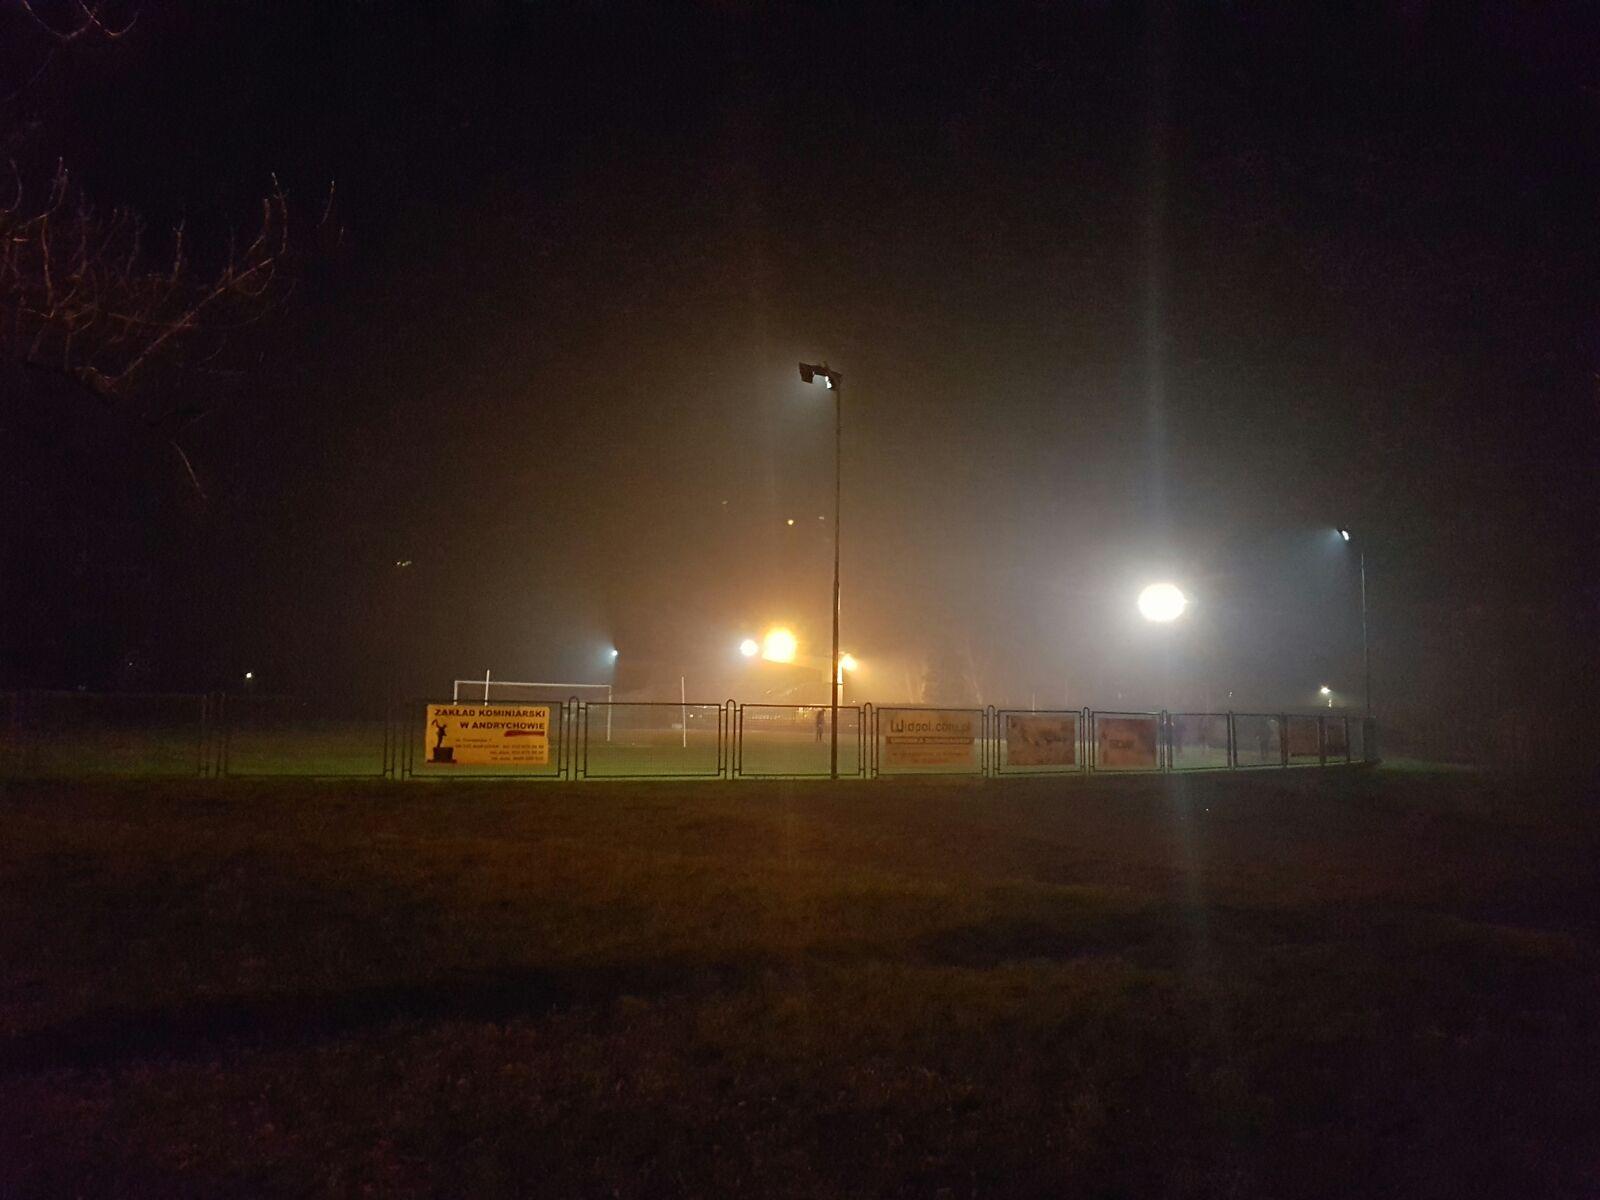 Co z tym oświetleniem? Piłkarze nie mają jak trenować